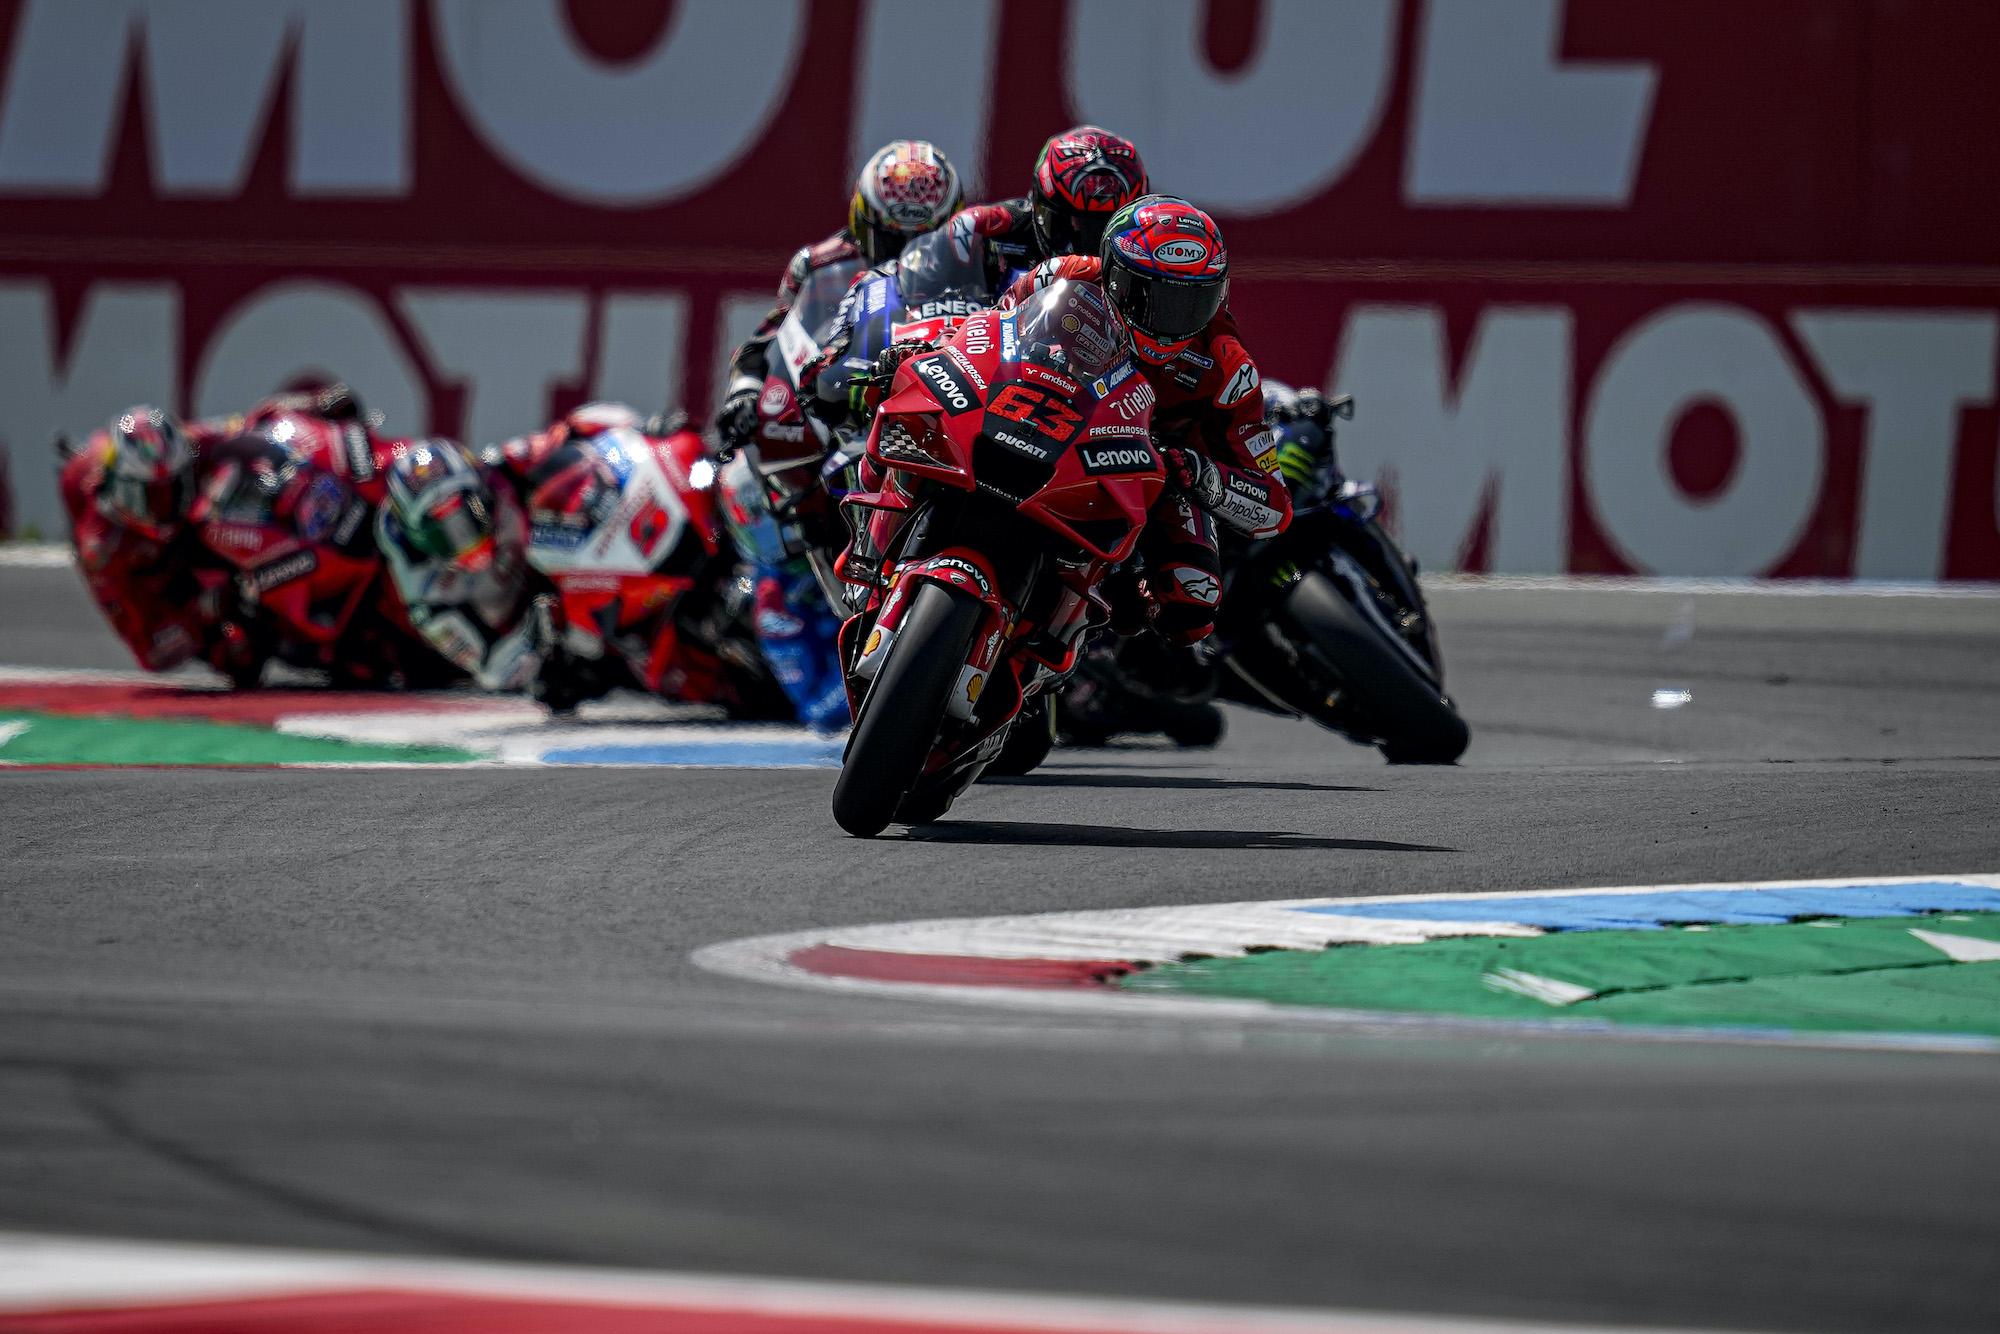 Pecco Bagnaia na czele wyścigu MotoGP w Assen